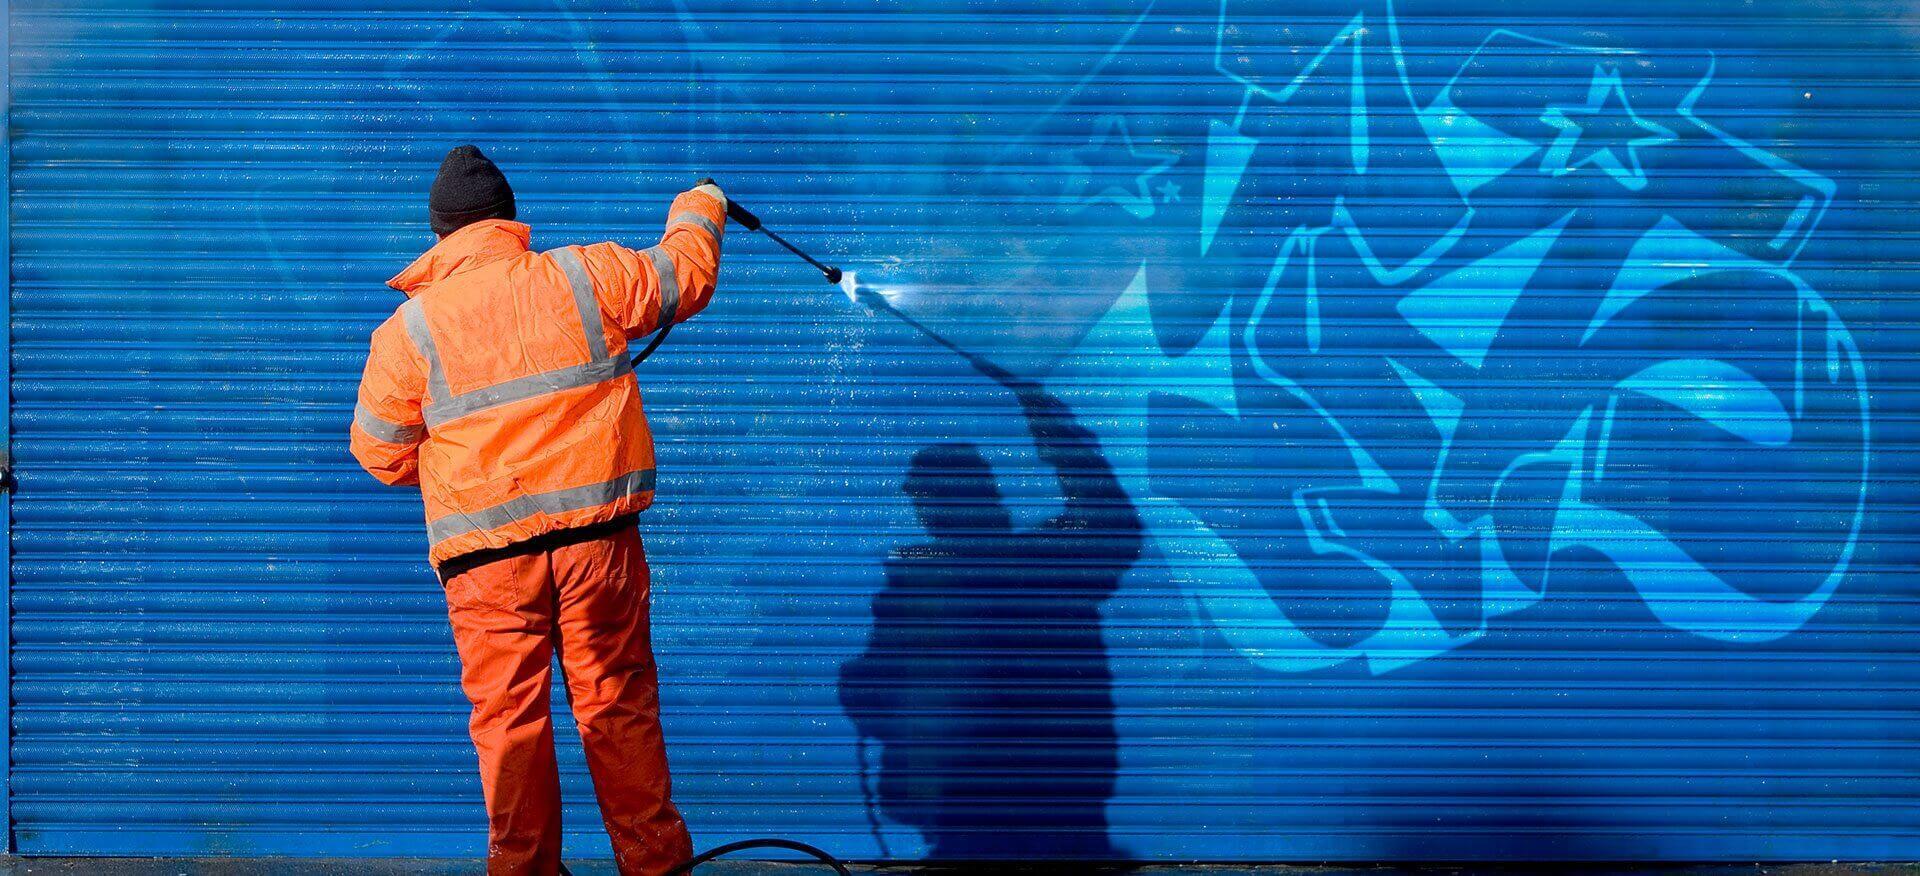 Graffiti Busters